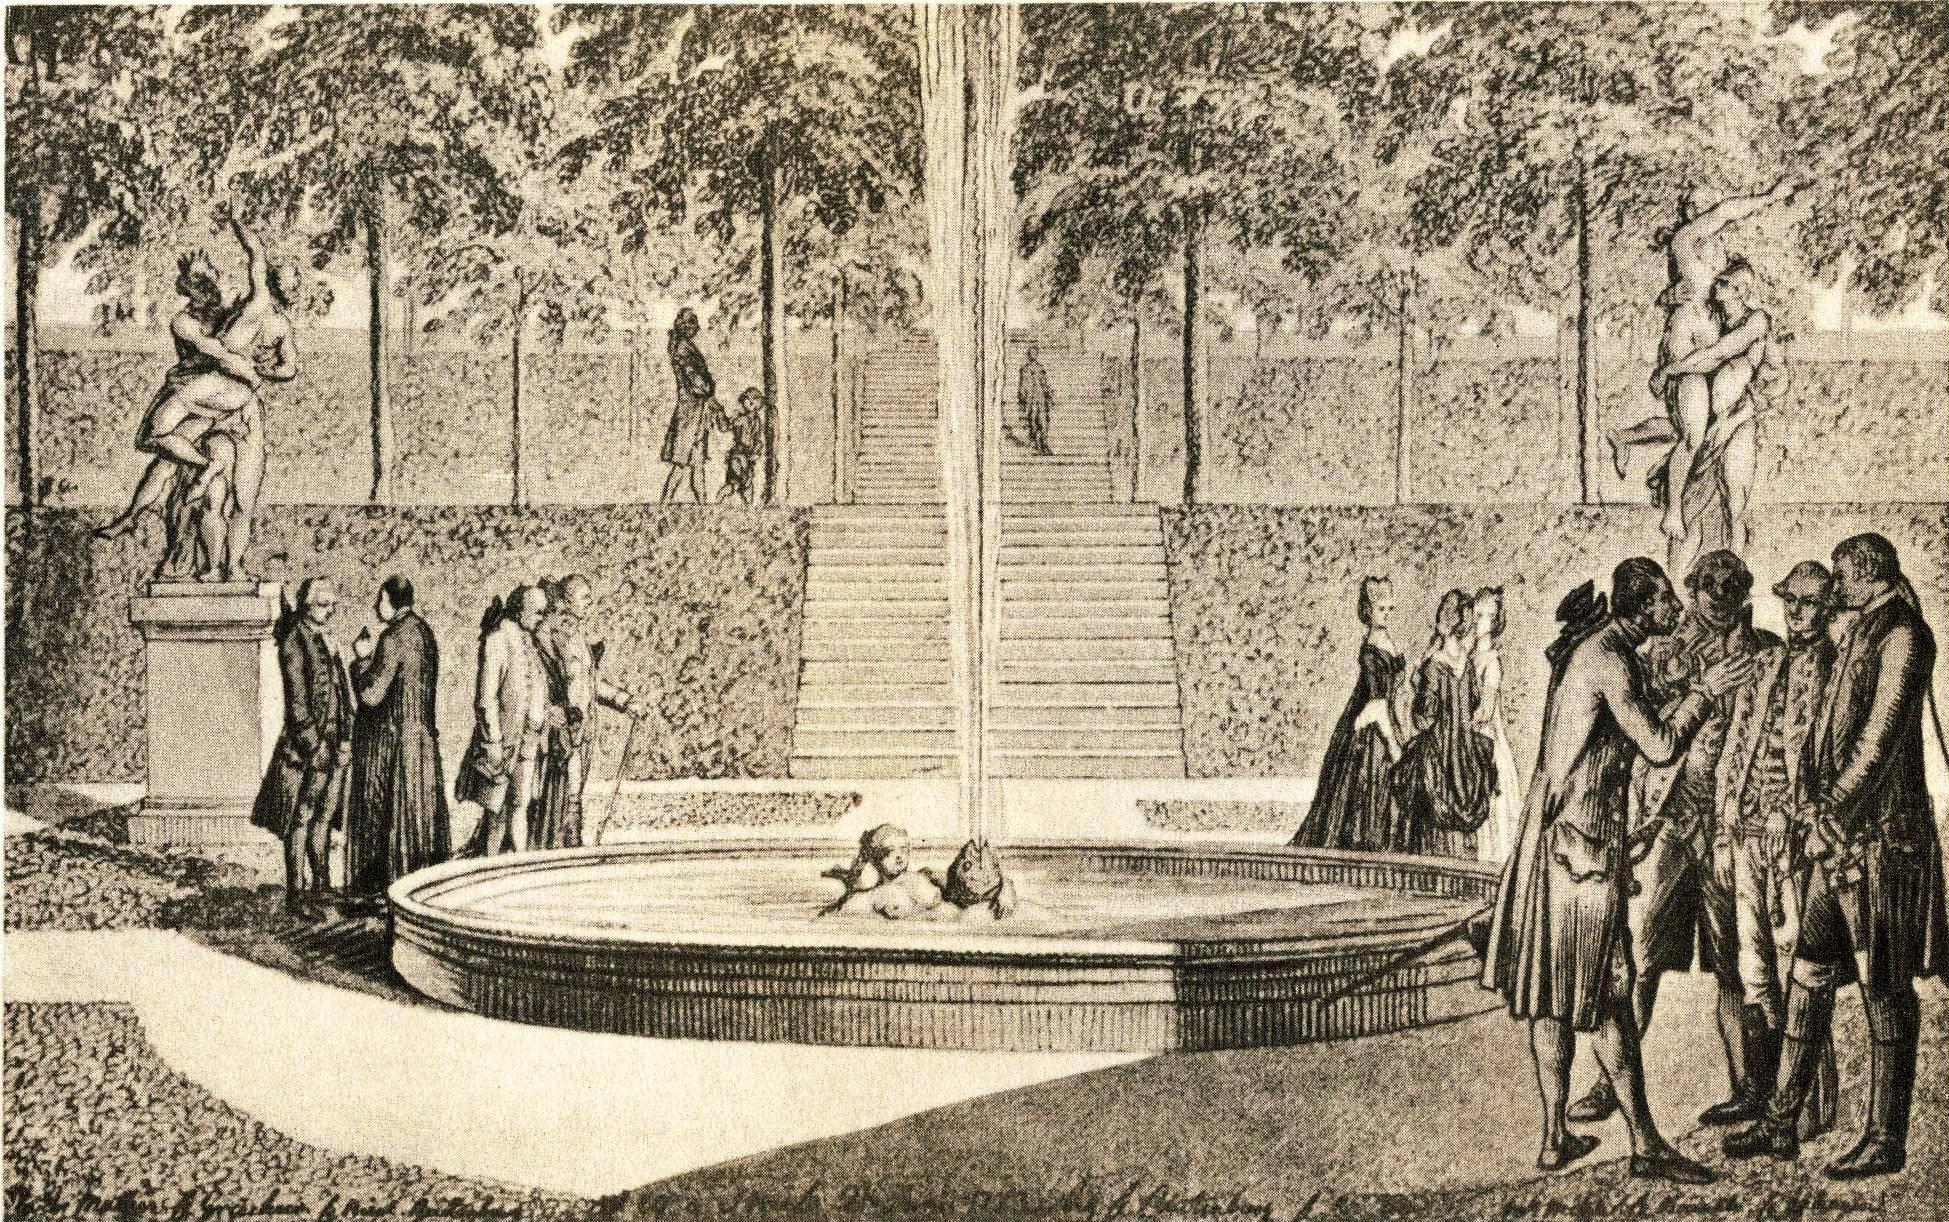 sz-5-fontanna-w-ogrodzie-na-strzyzy-w-1773-r-d-chodowiecki